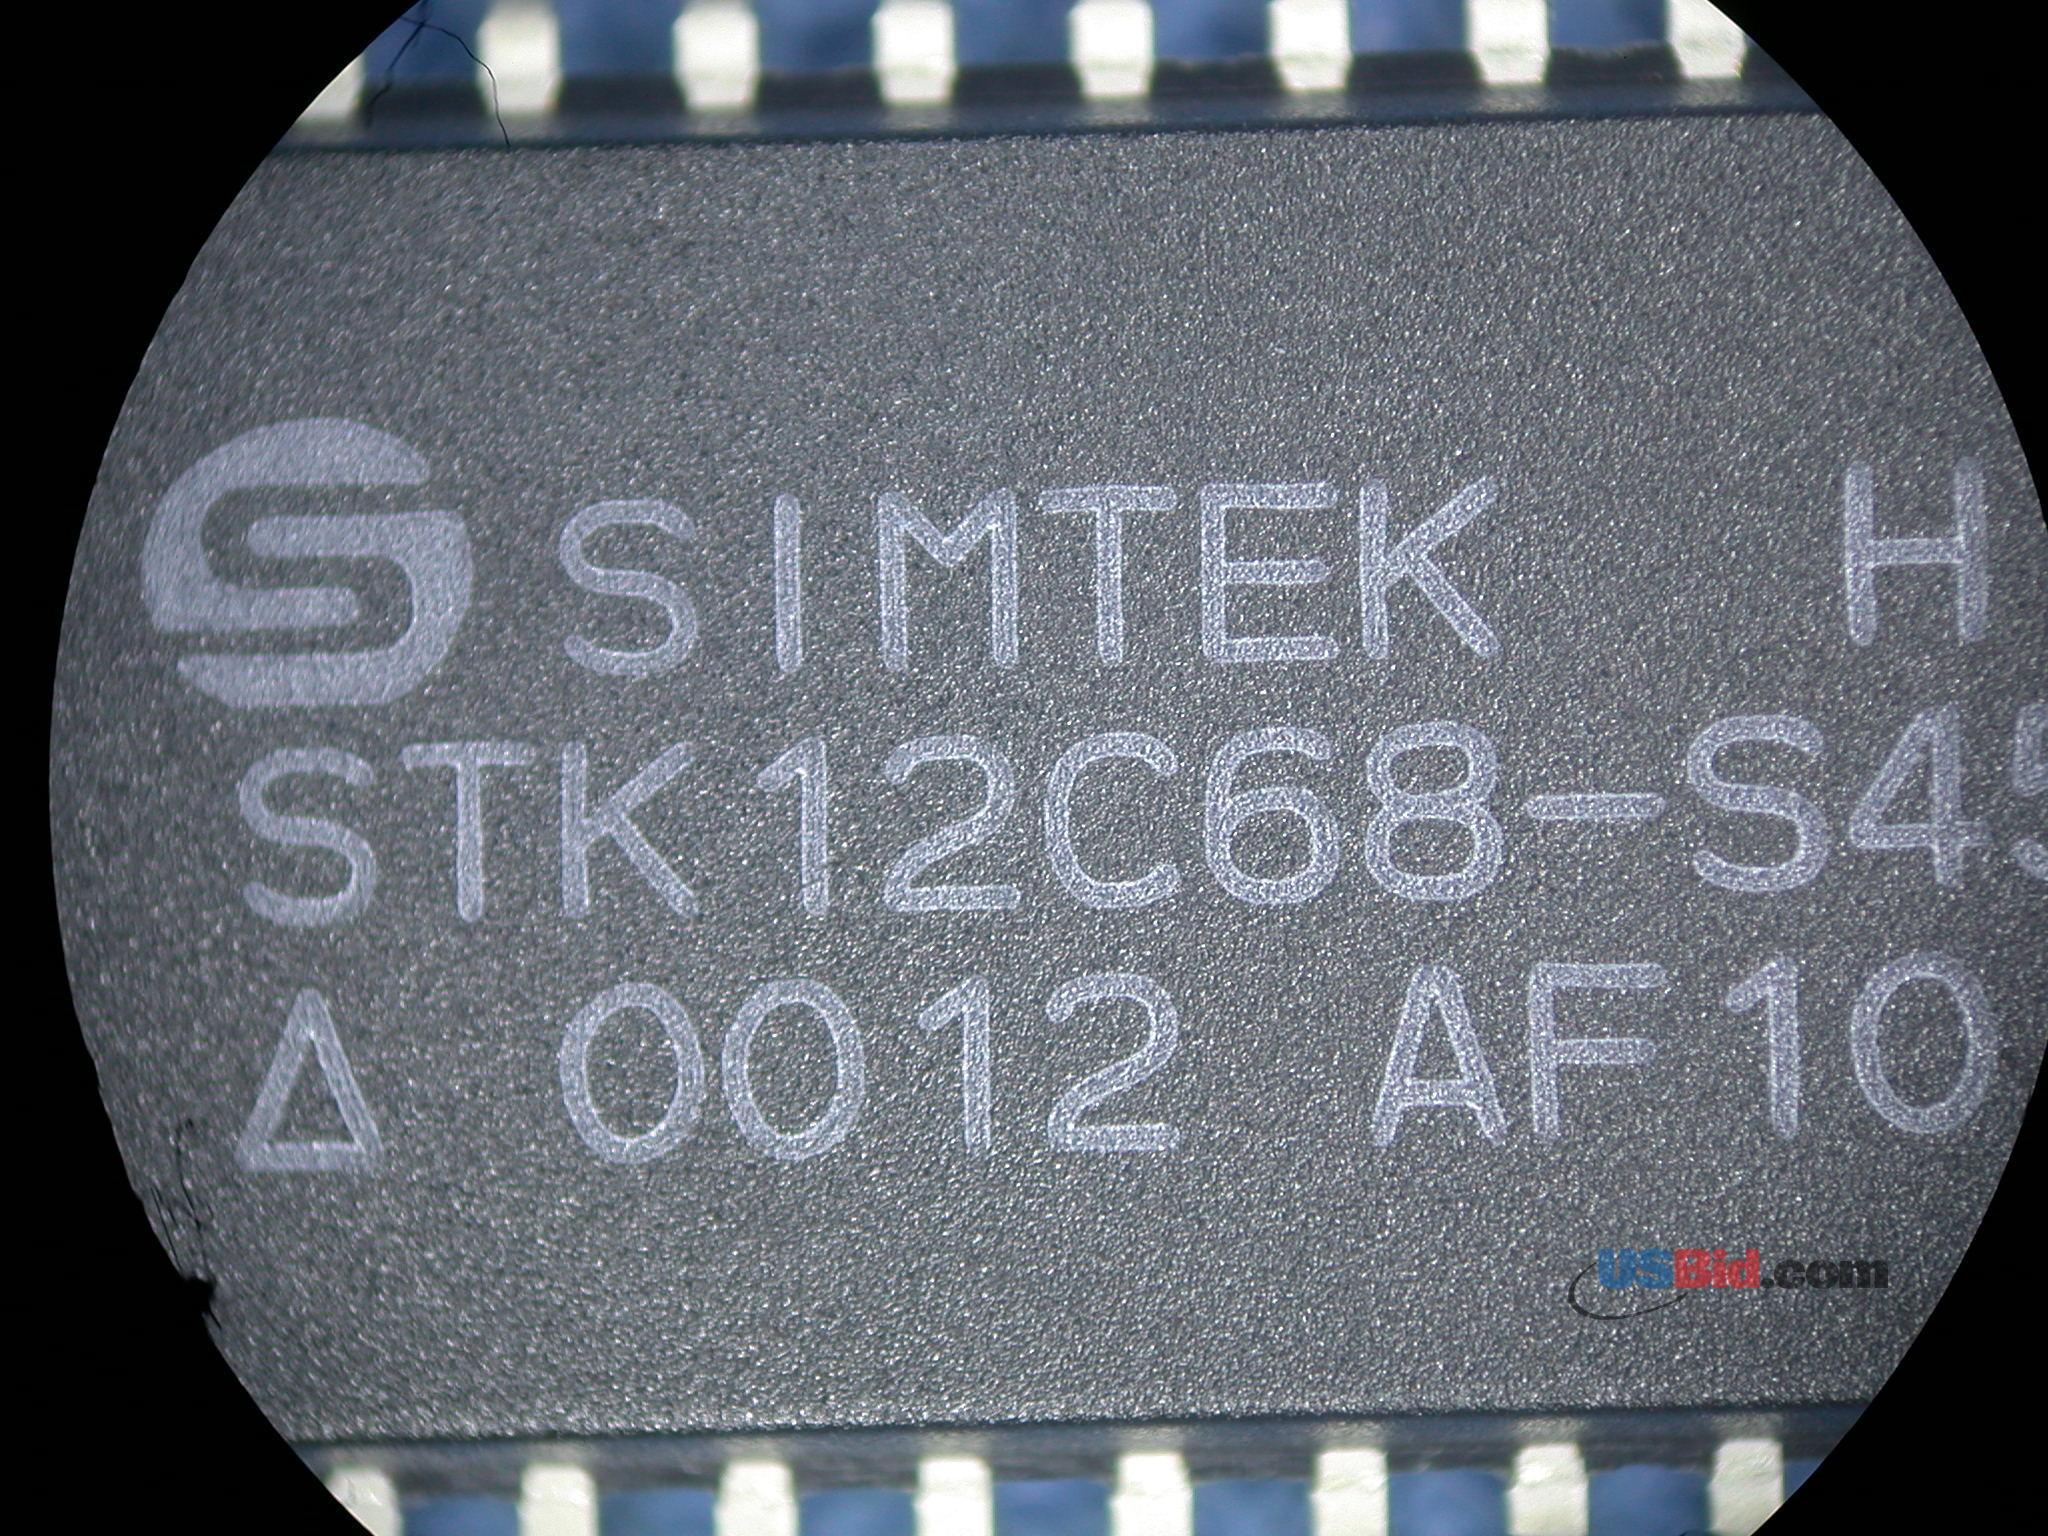 STK12C68-S45 photos